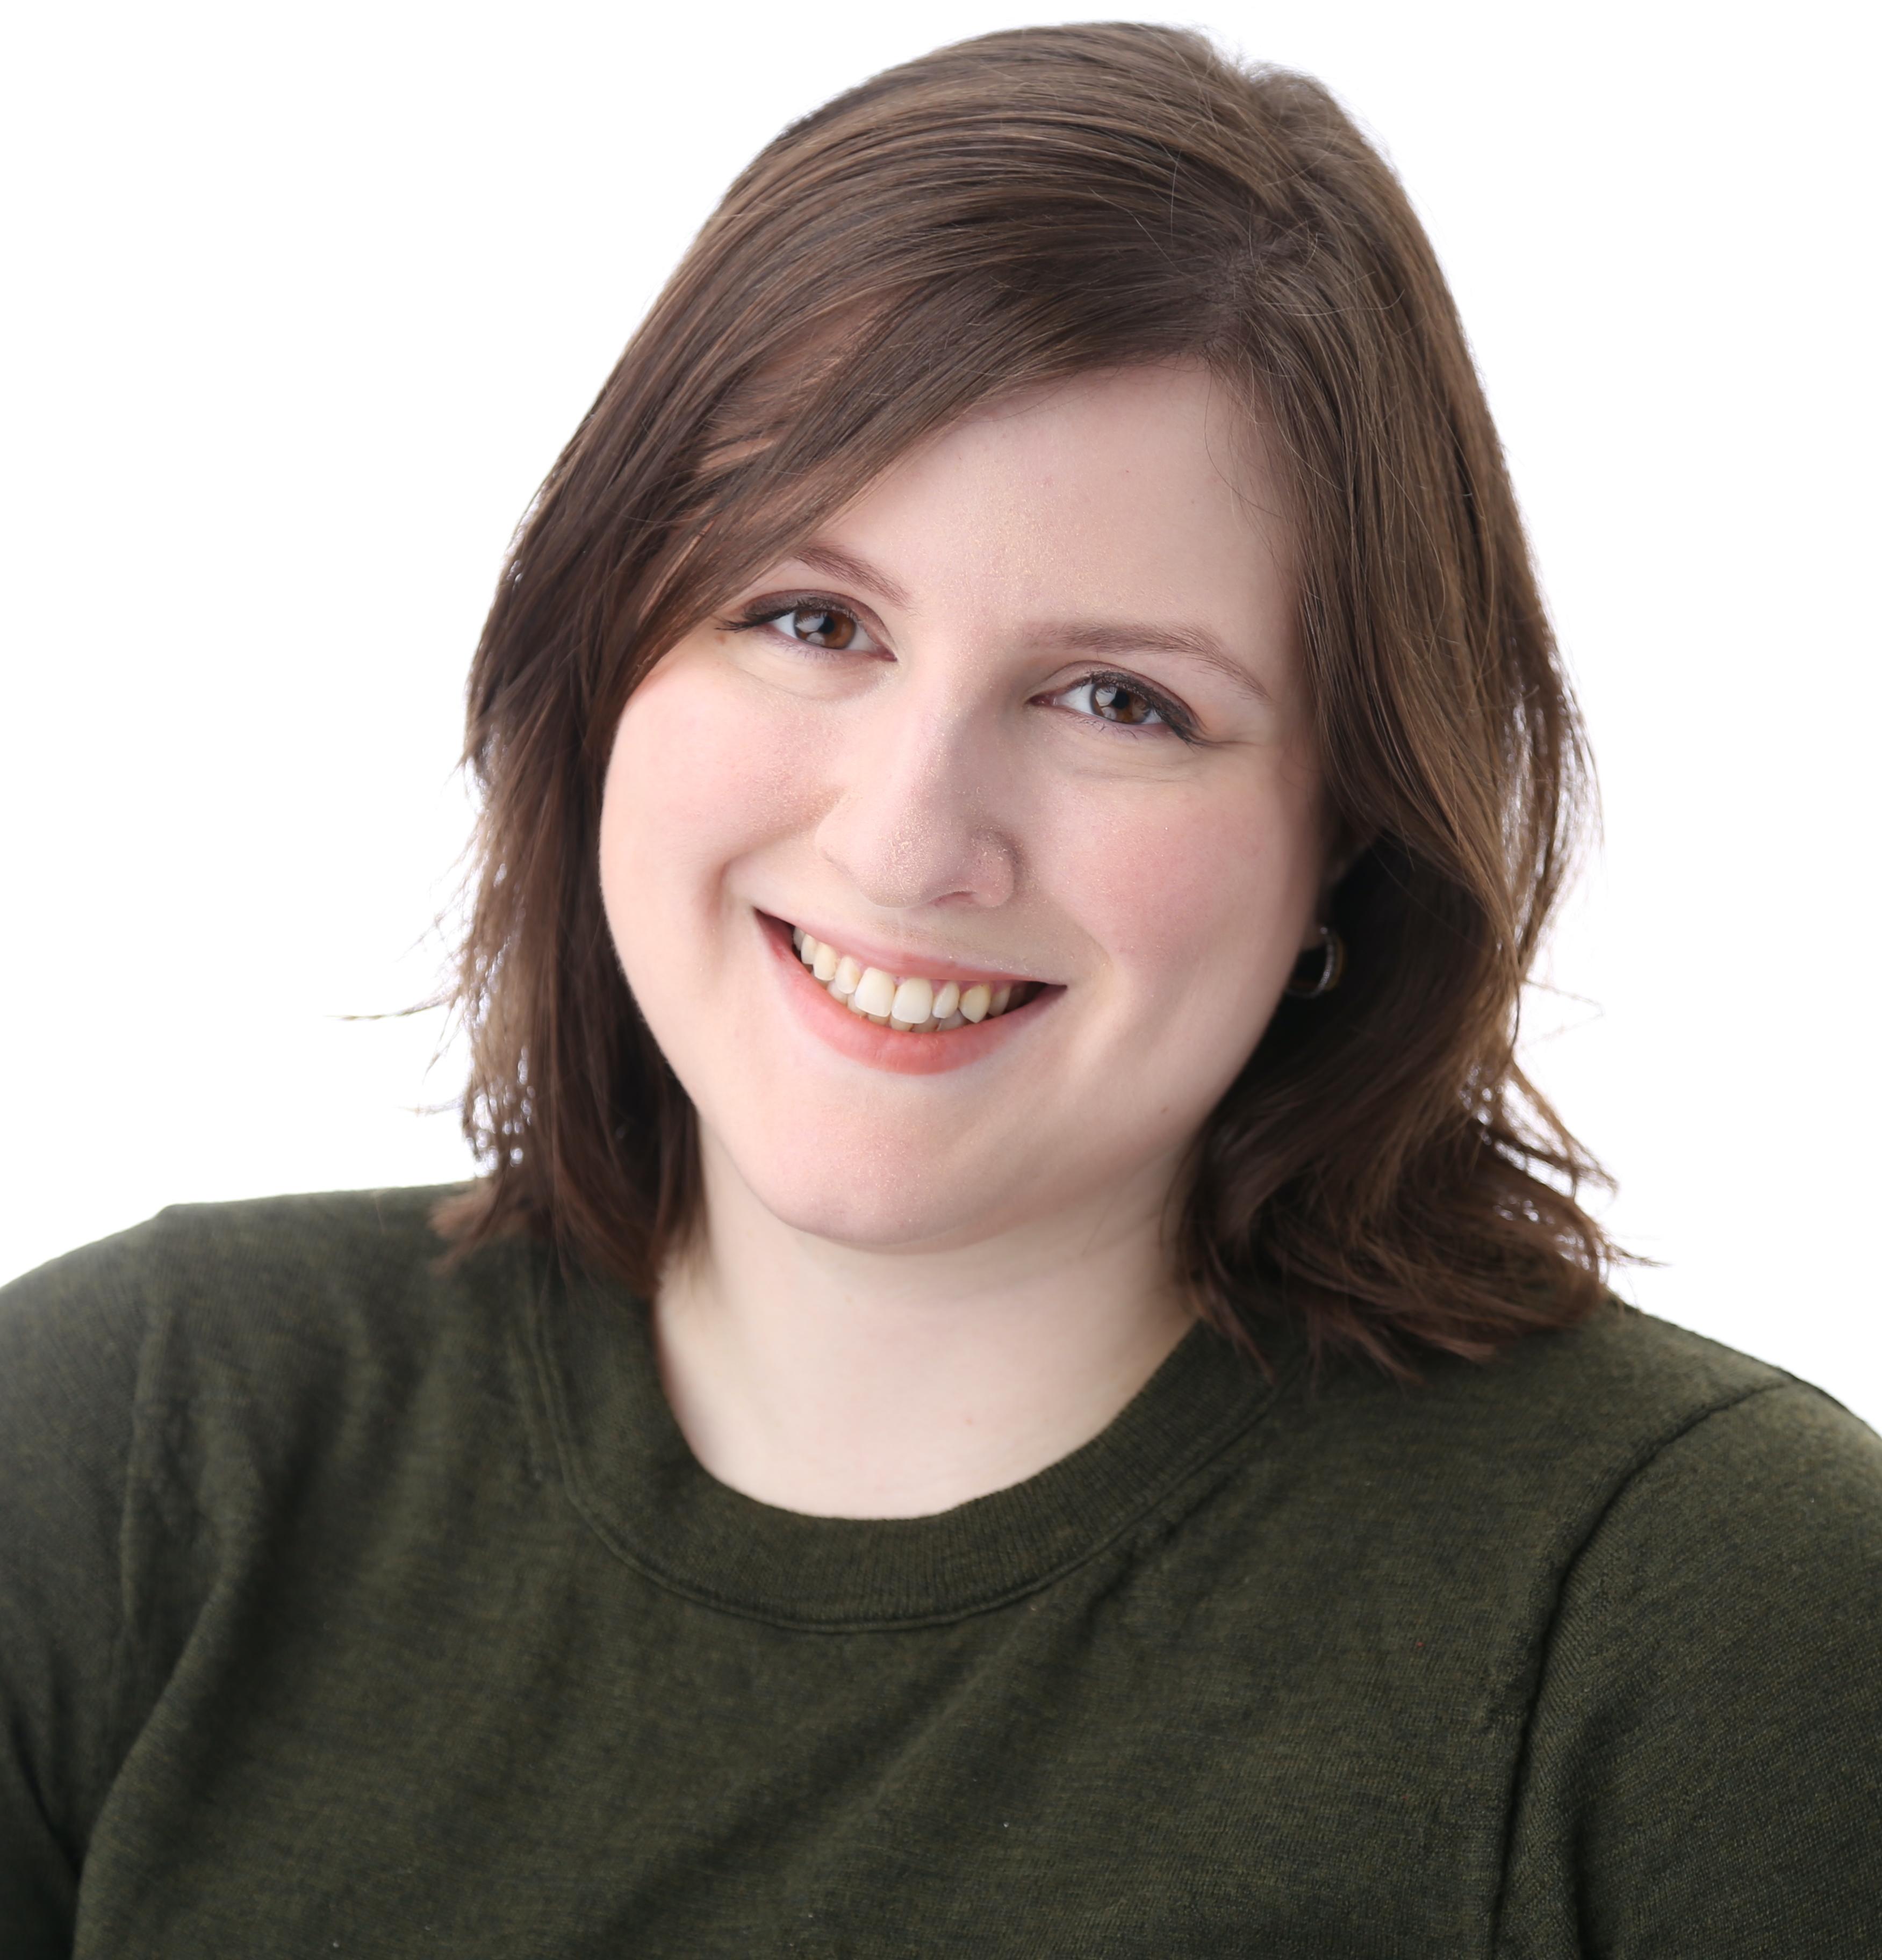 Sarah Friedhoff